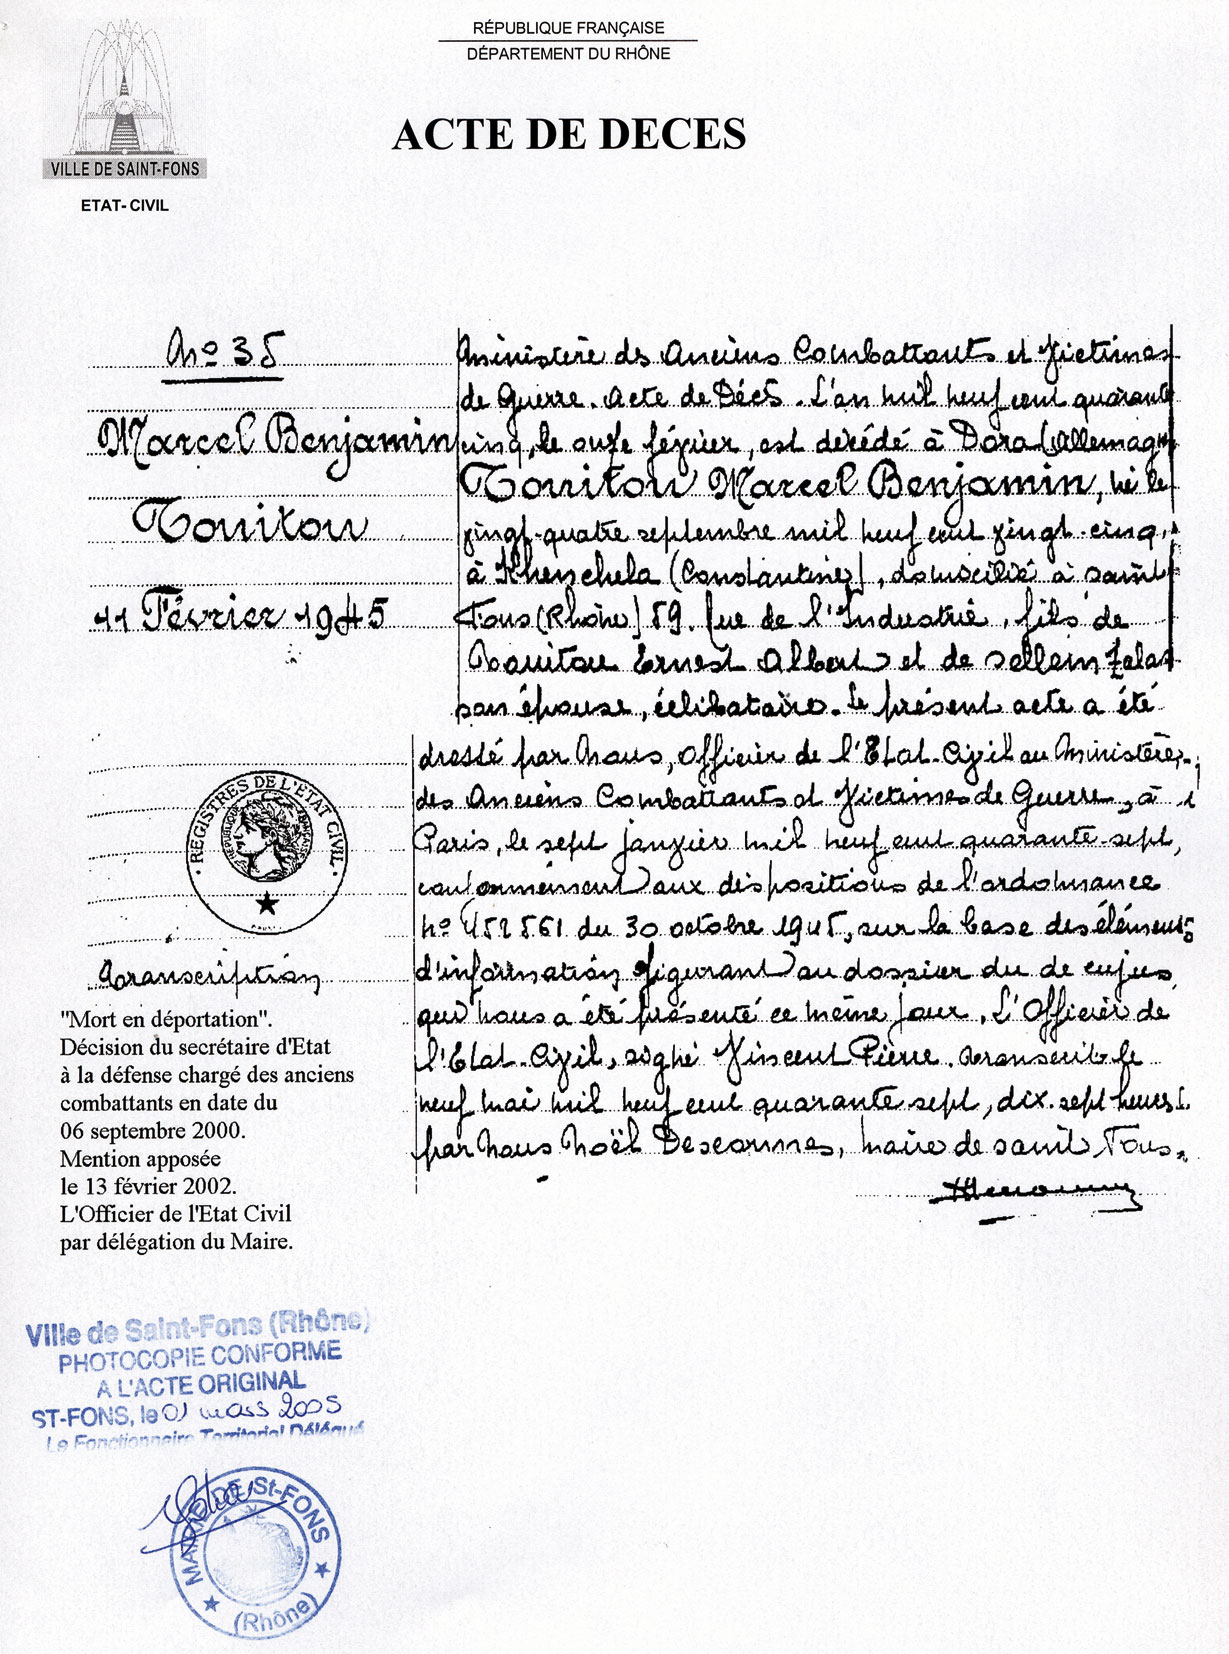 Acte de décès de Marcel, Touitou, Saint-Fons